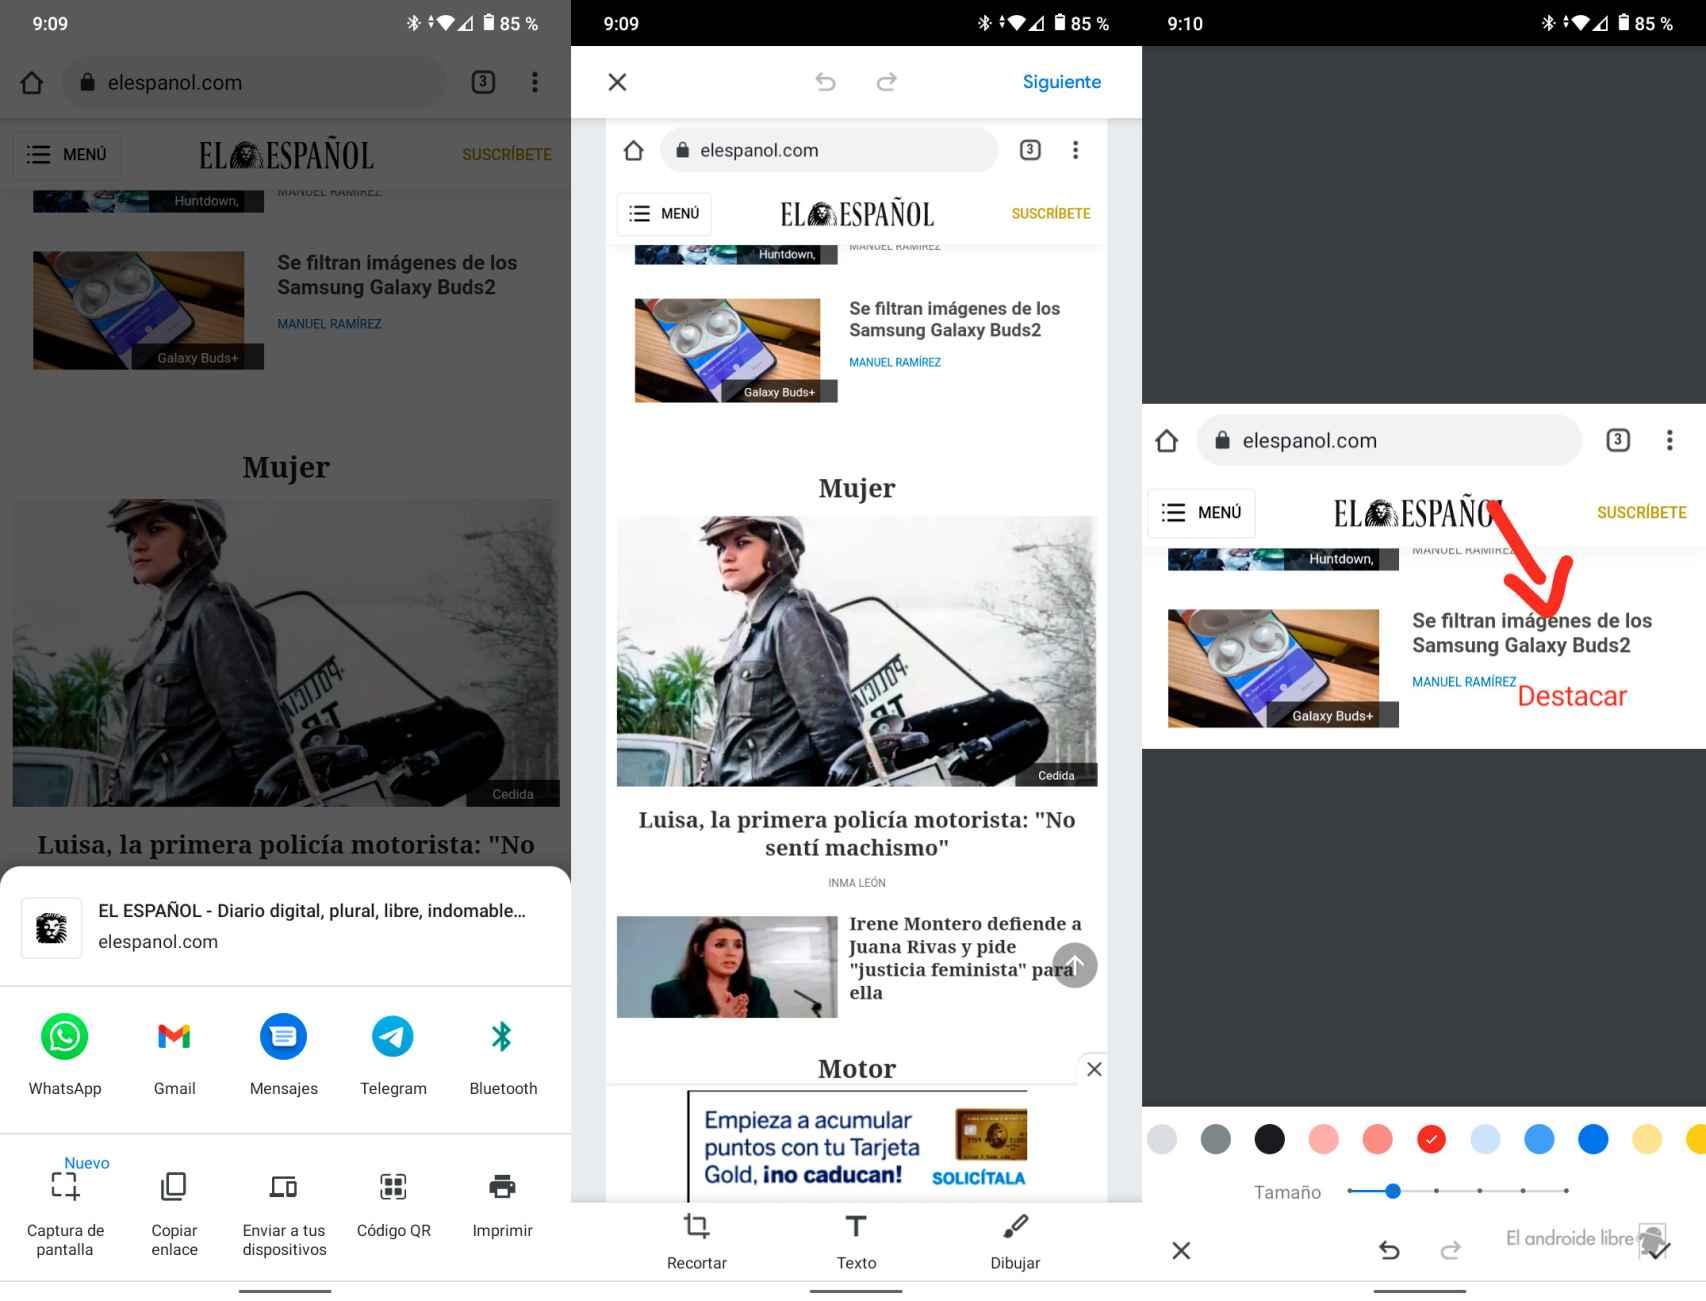 Captura de pantalla en Chrome